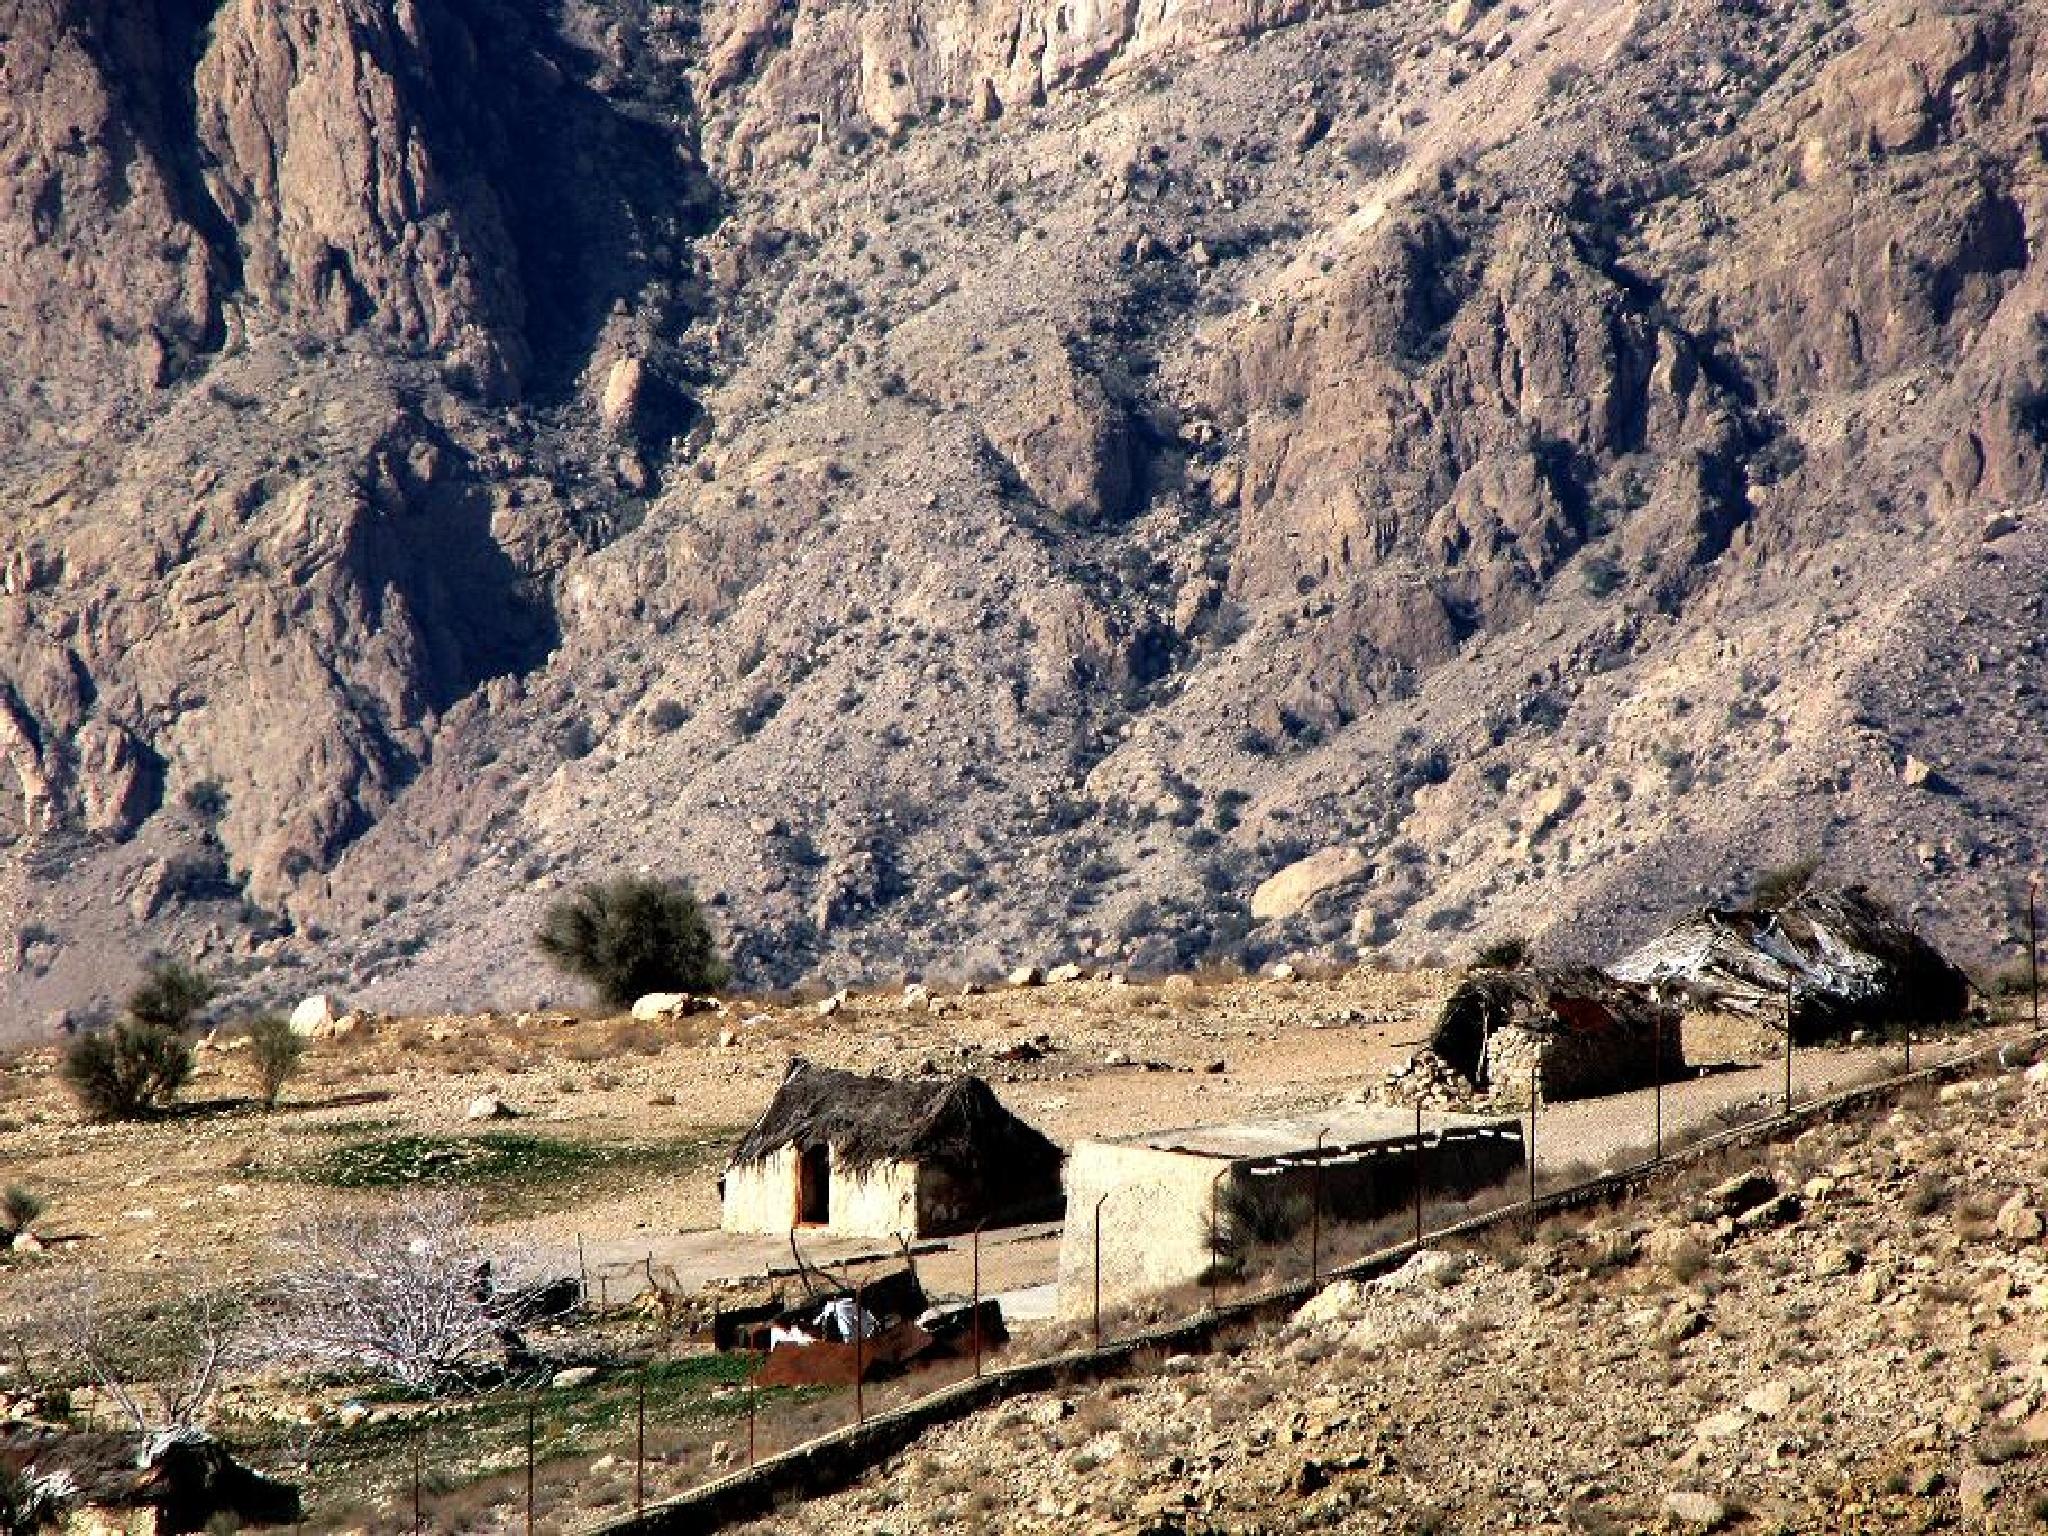 خانه کوهی  by omidshahinpoor